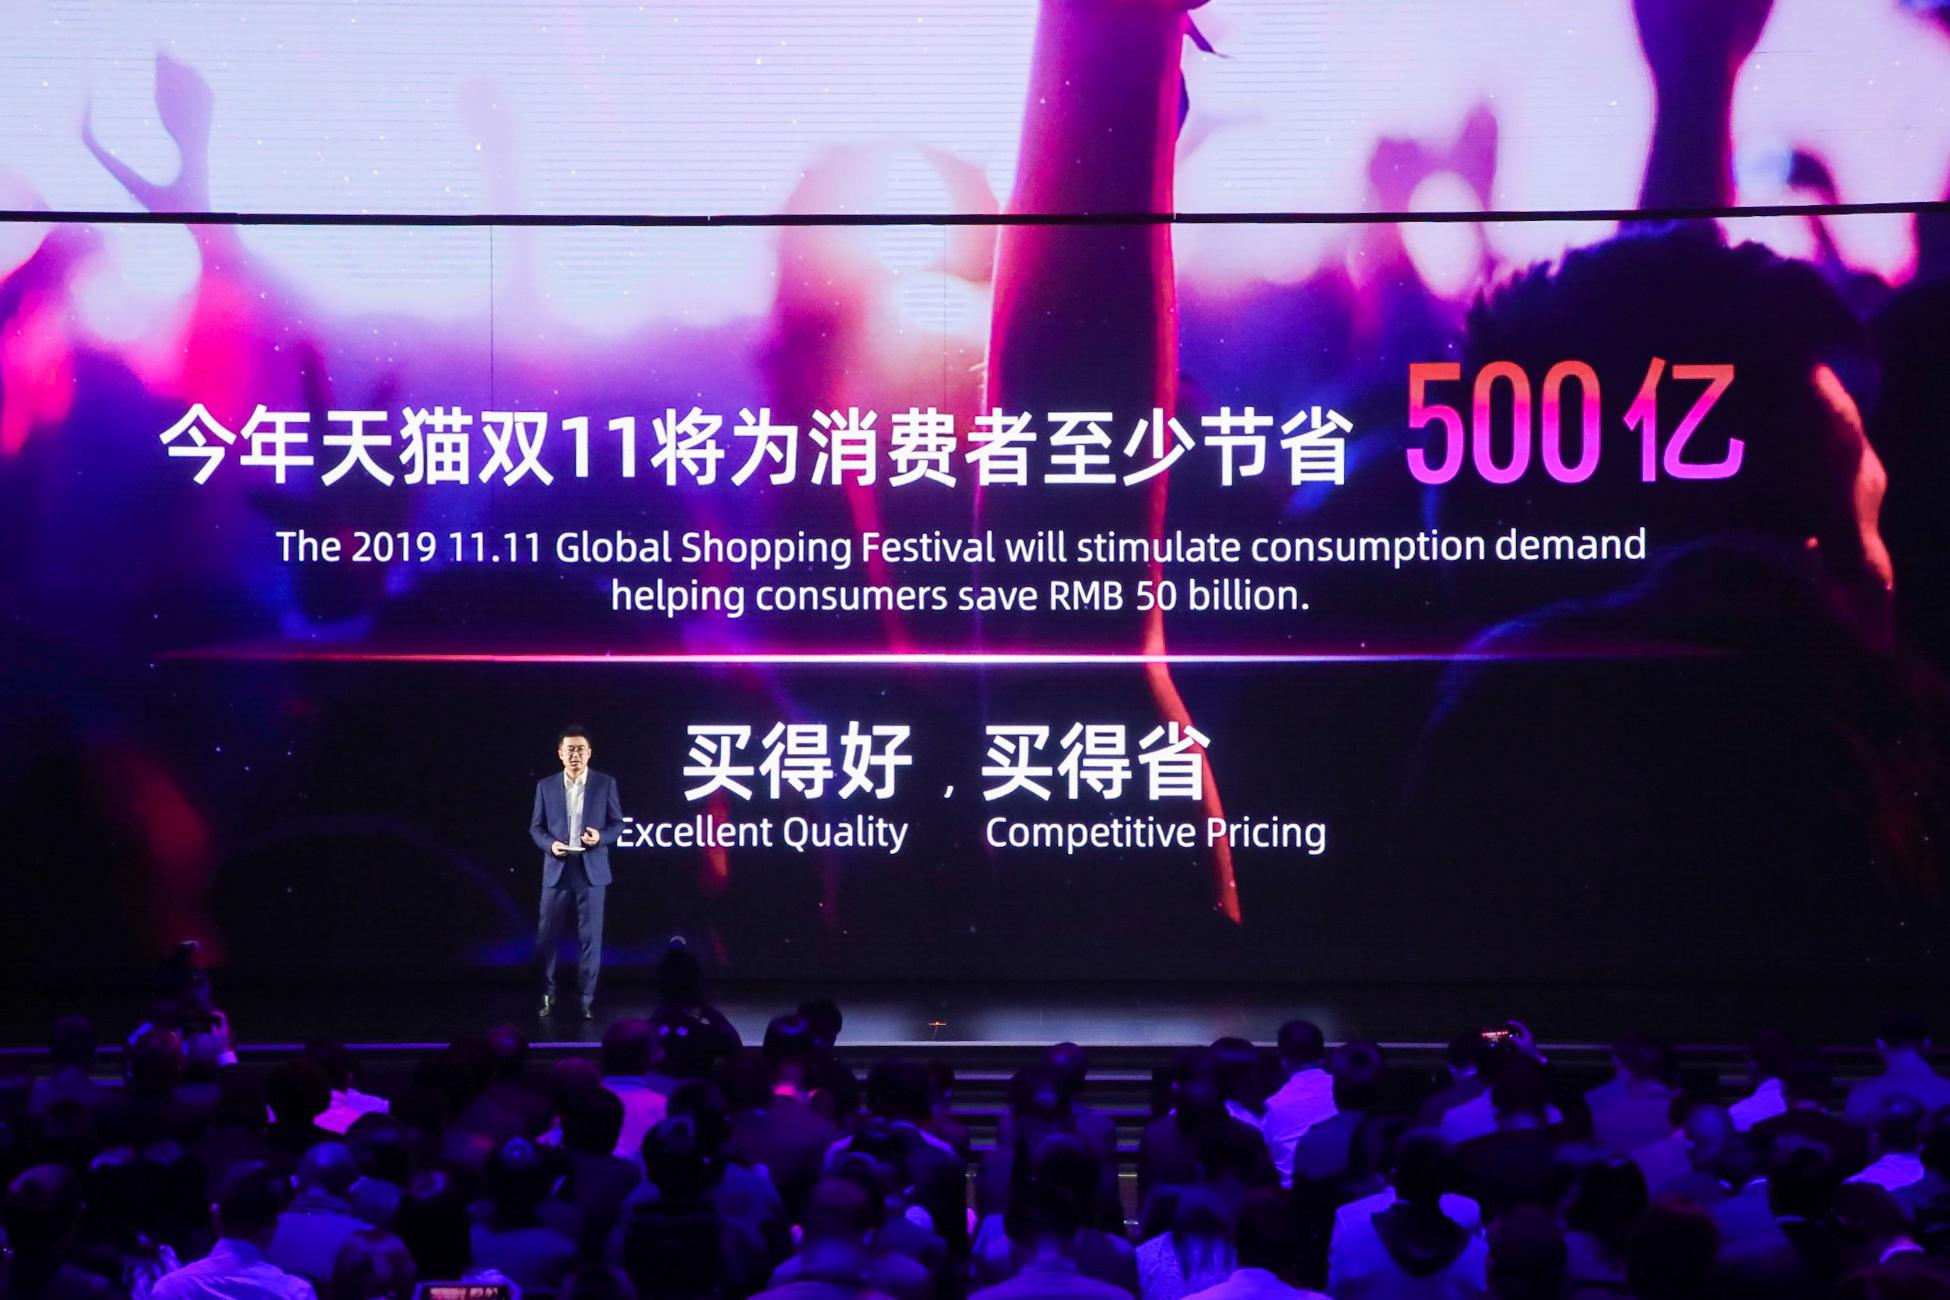 阿里蔣凡:預計今年天貓雙11將比去年多服務1億消費者